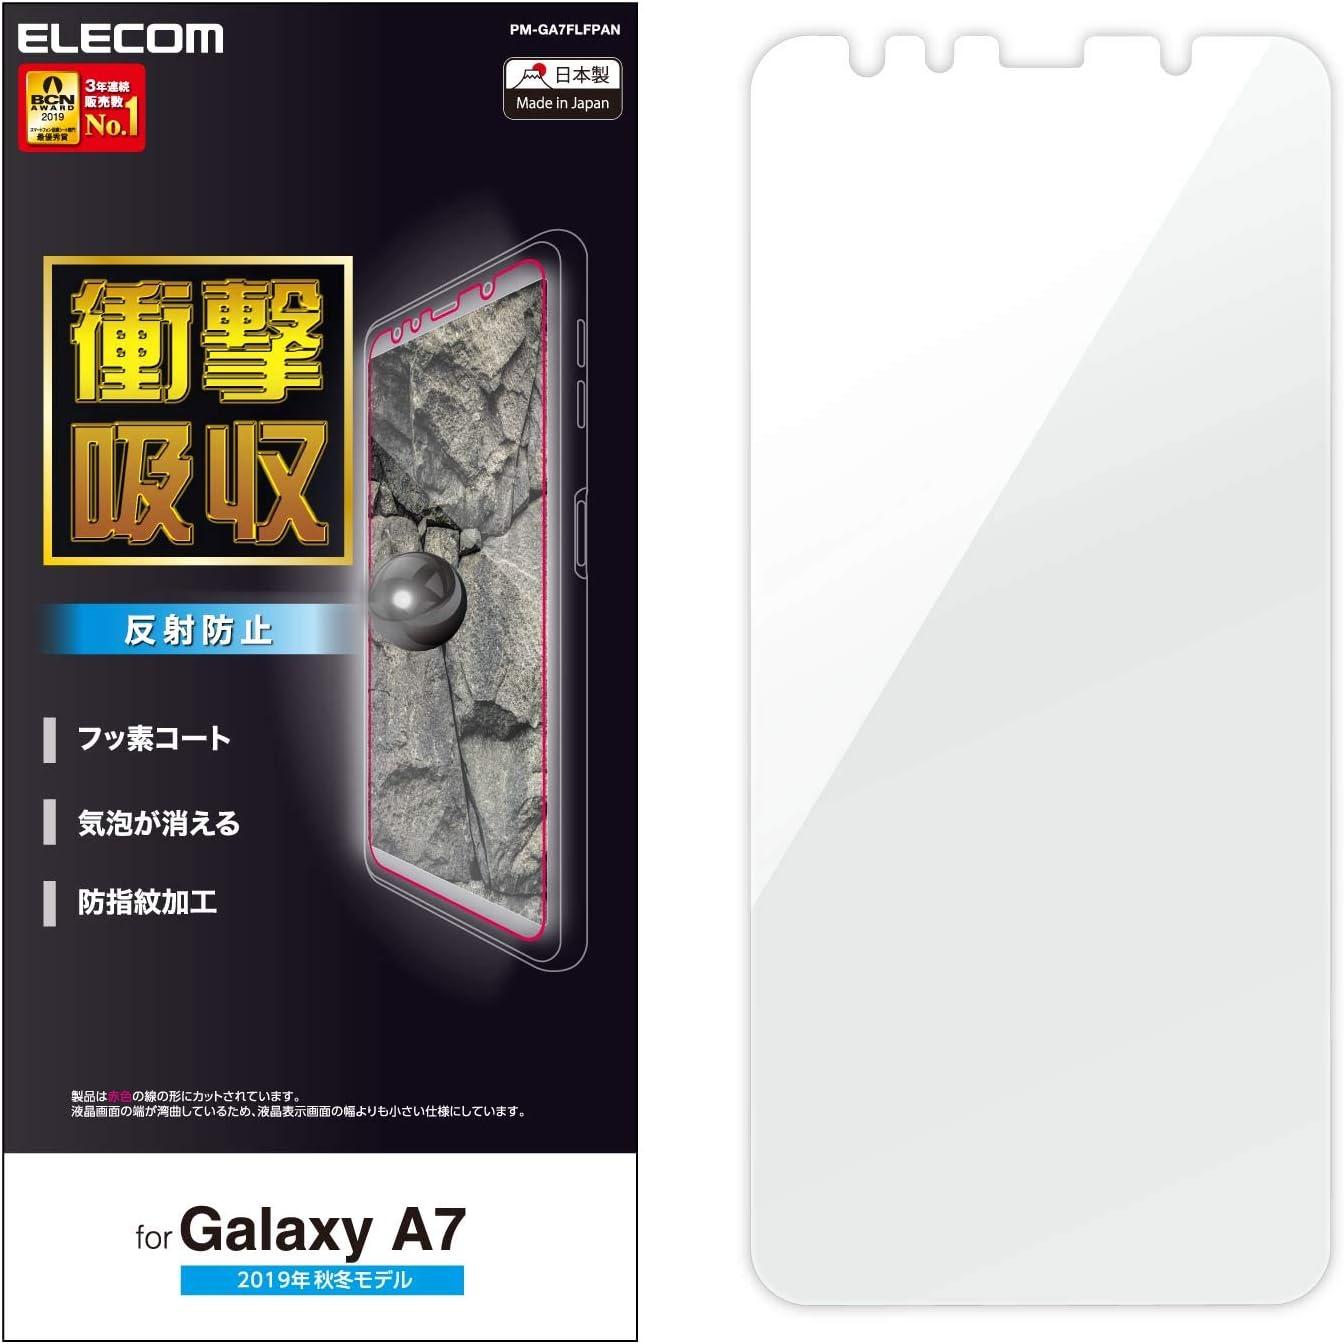 Galaxy a7 スクリーン ショット